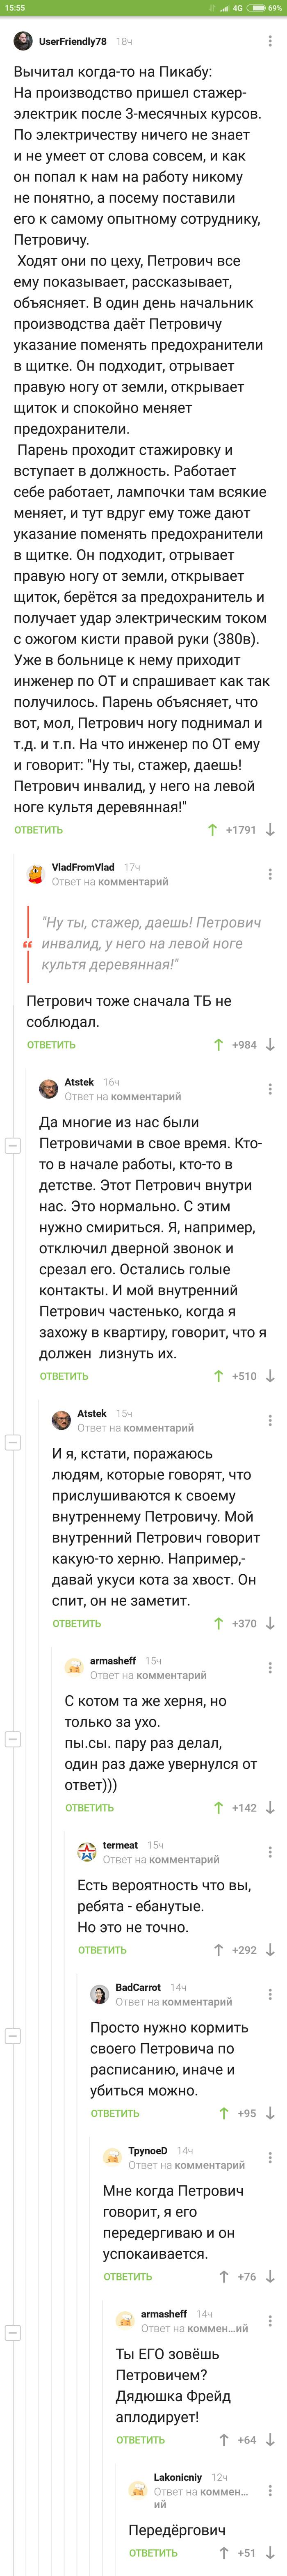 Внутренний голос. Скриншот, Длиннопост, Петрович, Комментарии на Пикабу